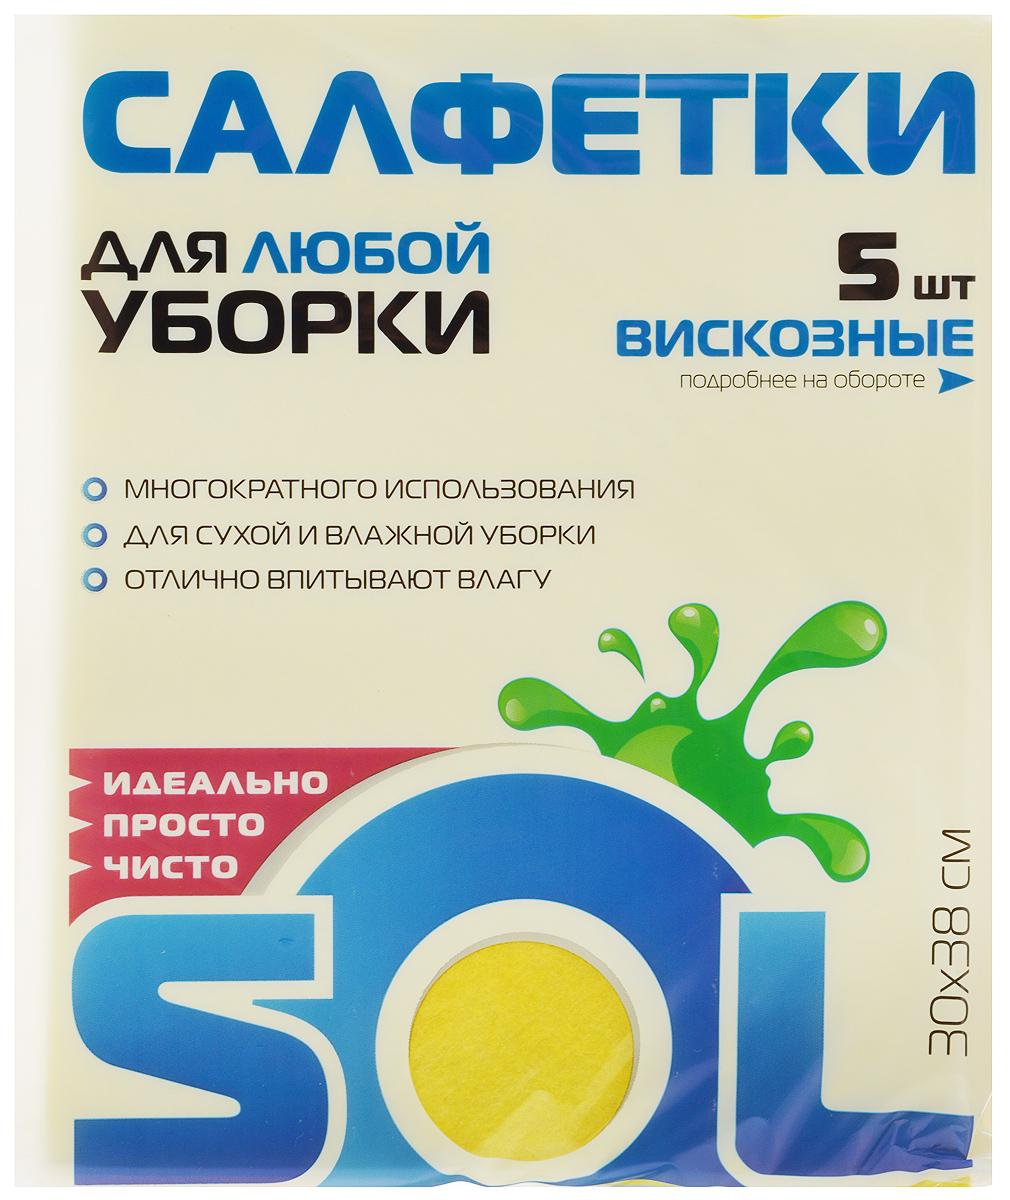 Салфетка для уборки Sol из вискозы, универсальная, цвет: желтый, 30 x 38 см, 5 шт10003/70010_желтыйСалфетки для уборки Sol, выполненные из вискозы и полиэстера, предназначены для уборки и могут применяться с различными моющими средствами. Эффективно впитывают жидкость. Мягкие и прочные, легко отжимаются и быстро сохнут. Рекомендации по уходу: Для обеспечения гигиеничности уборки после применения прополоскать в теплой воде. Для продления срока службы не применять машинную стирку, не гладить и не кипятить.